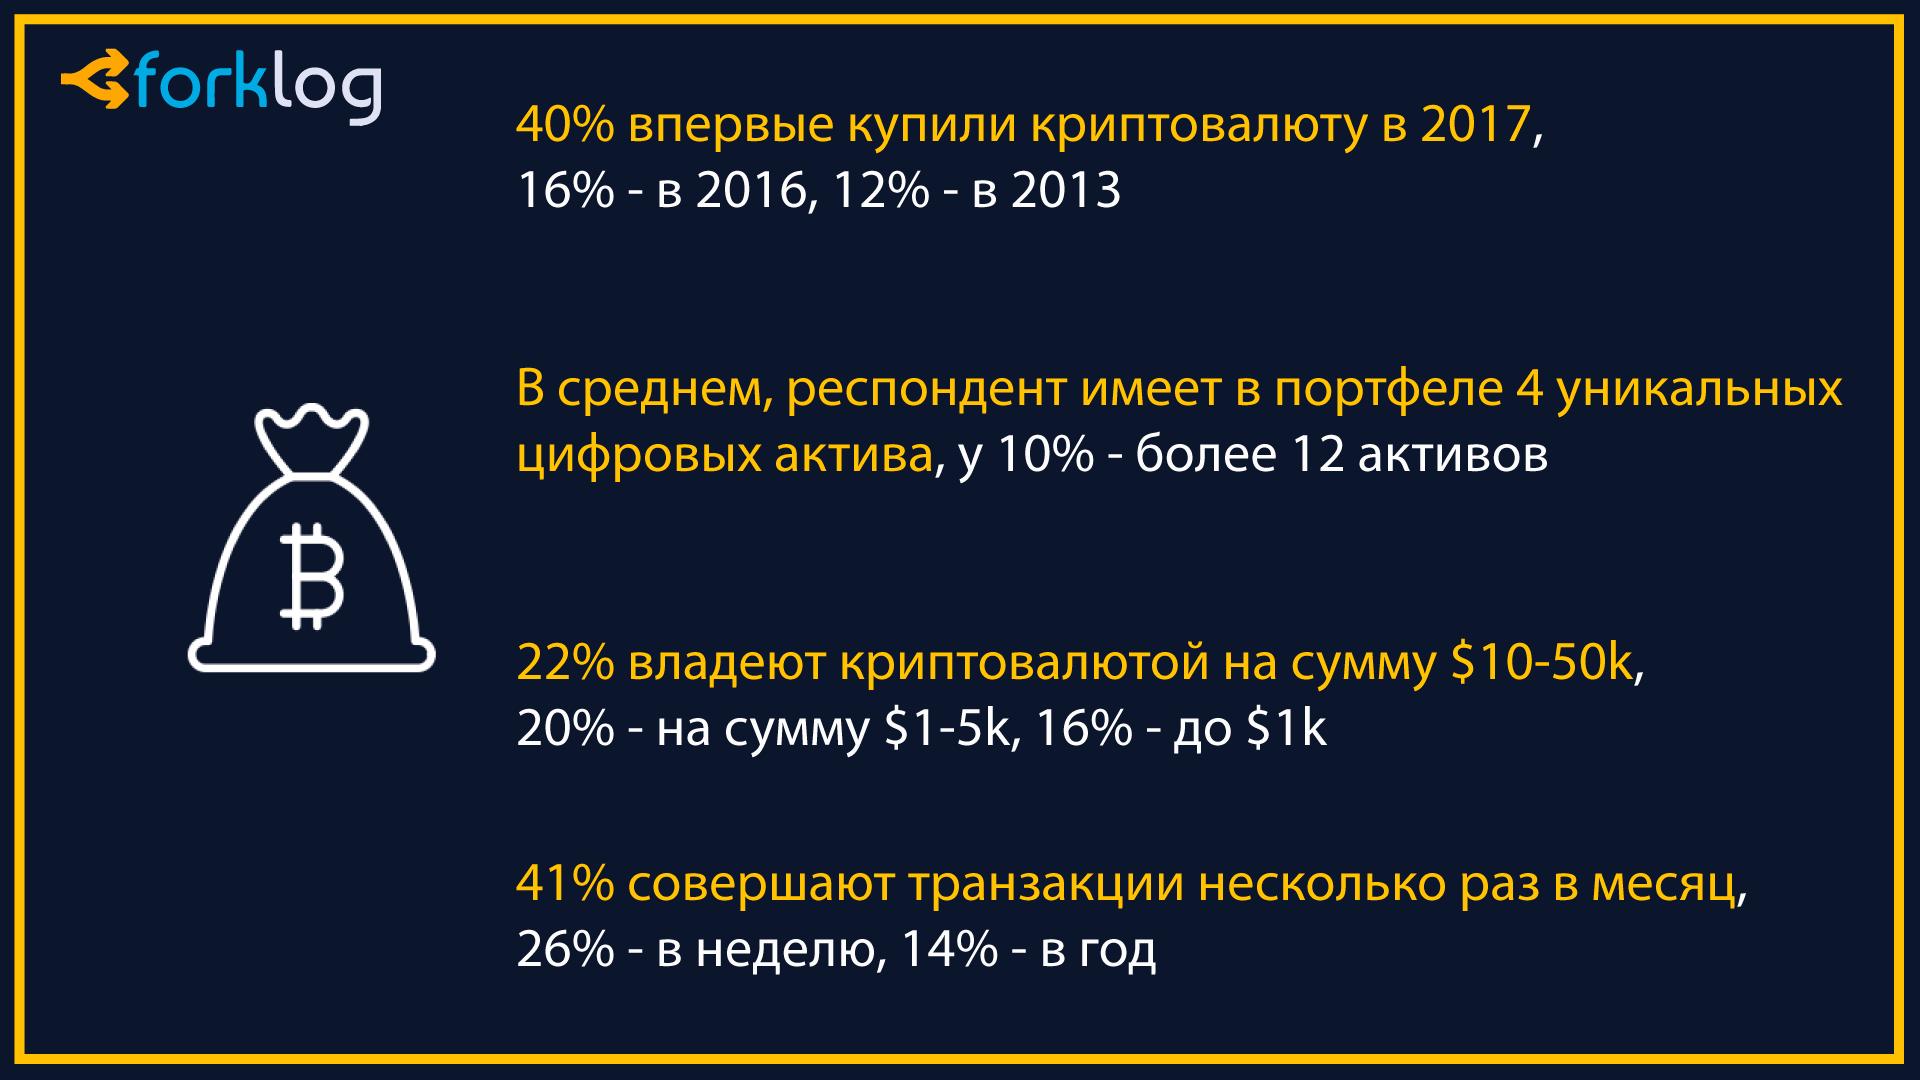 Опрос: 40% криптоэнтузиастов впервые купили биткоин в 2017 году